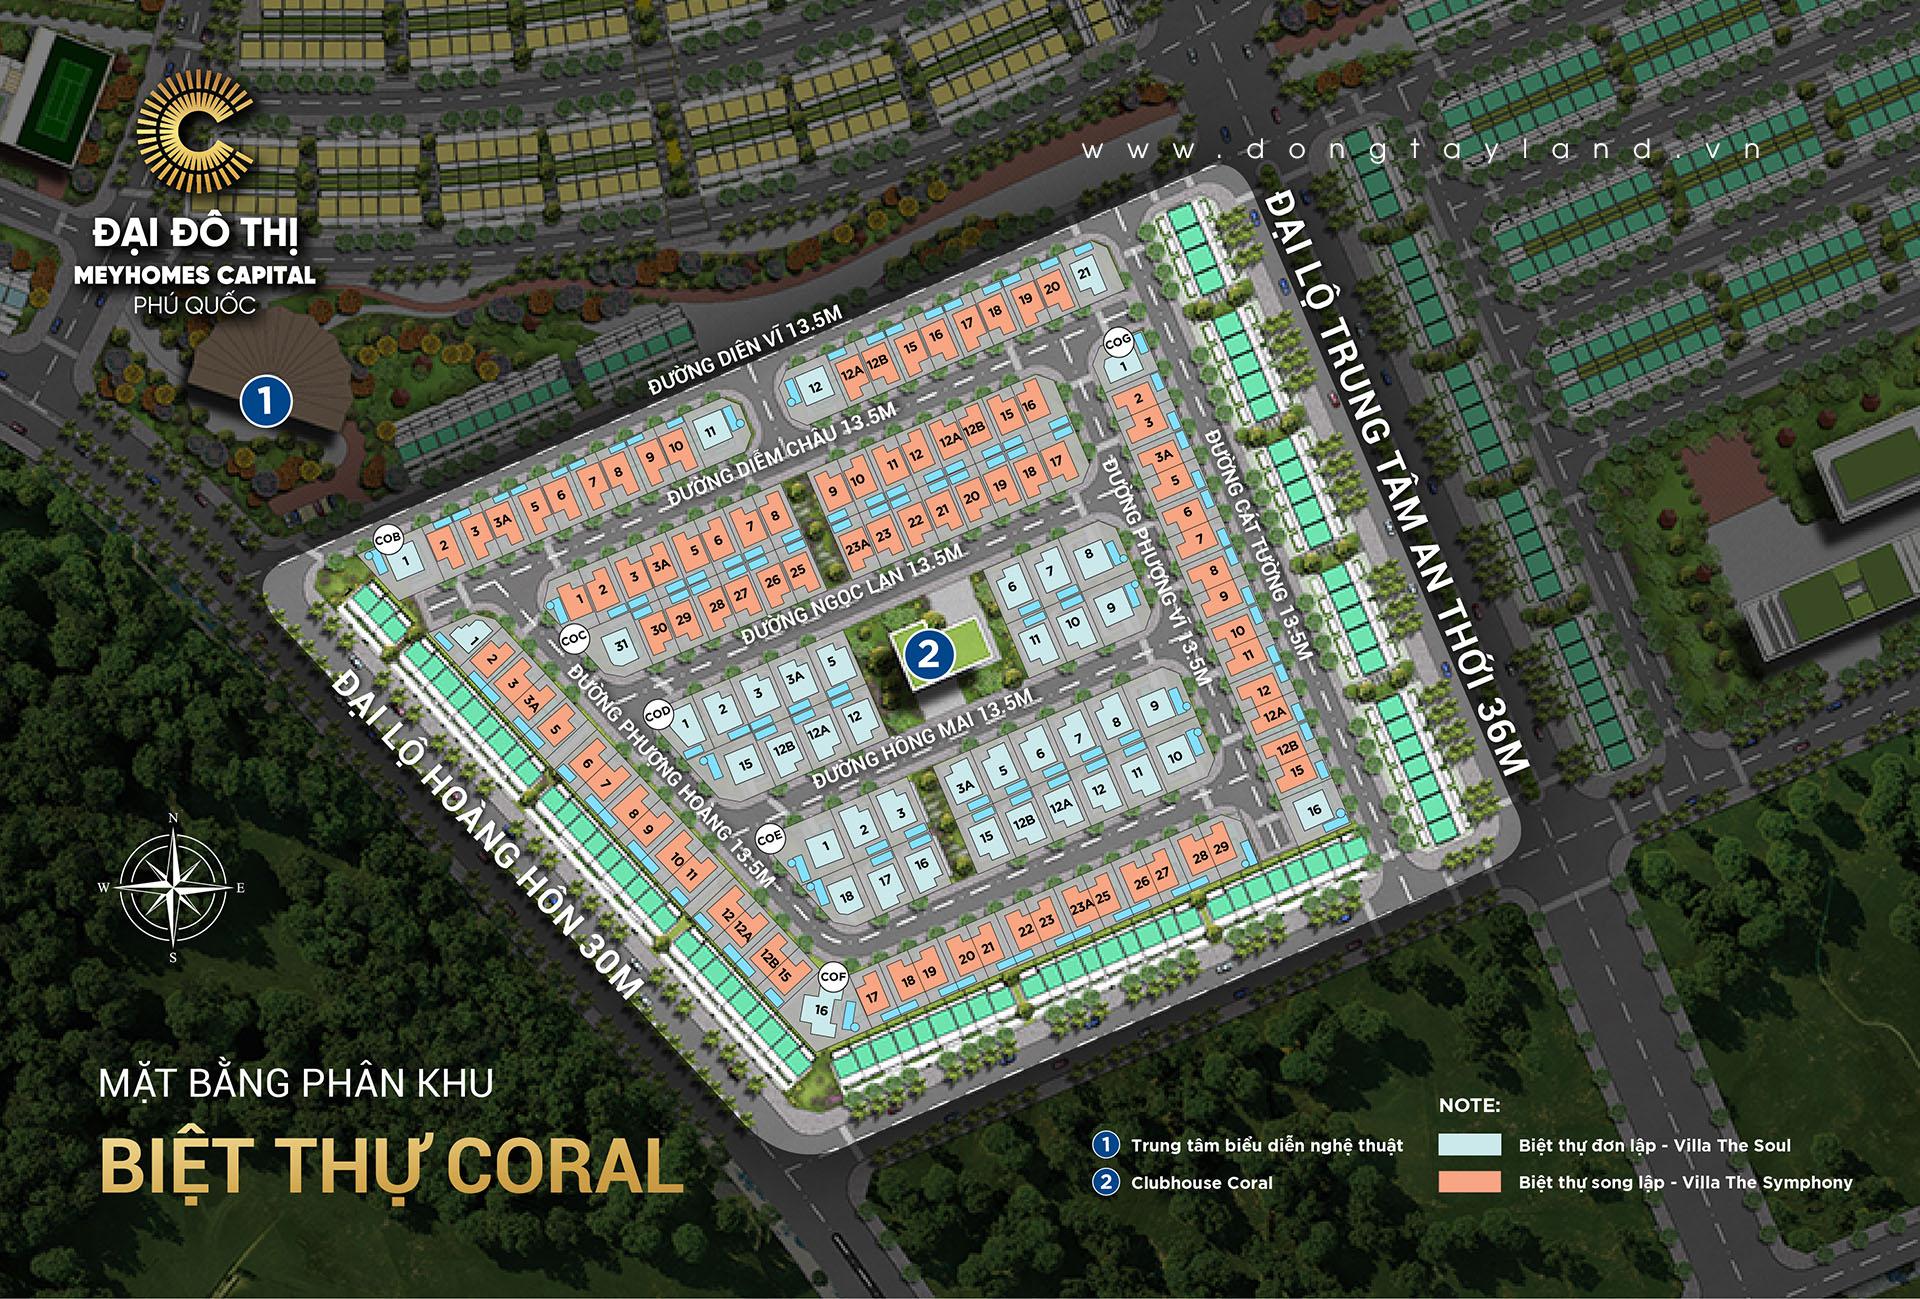 Mặt bằng biệt thự Coral Hawaii - Meyhomes Capital Phú Quốc